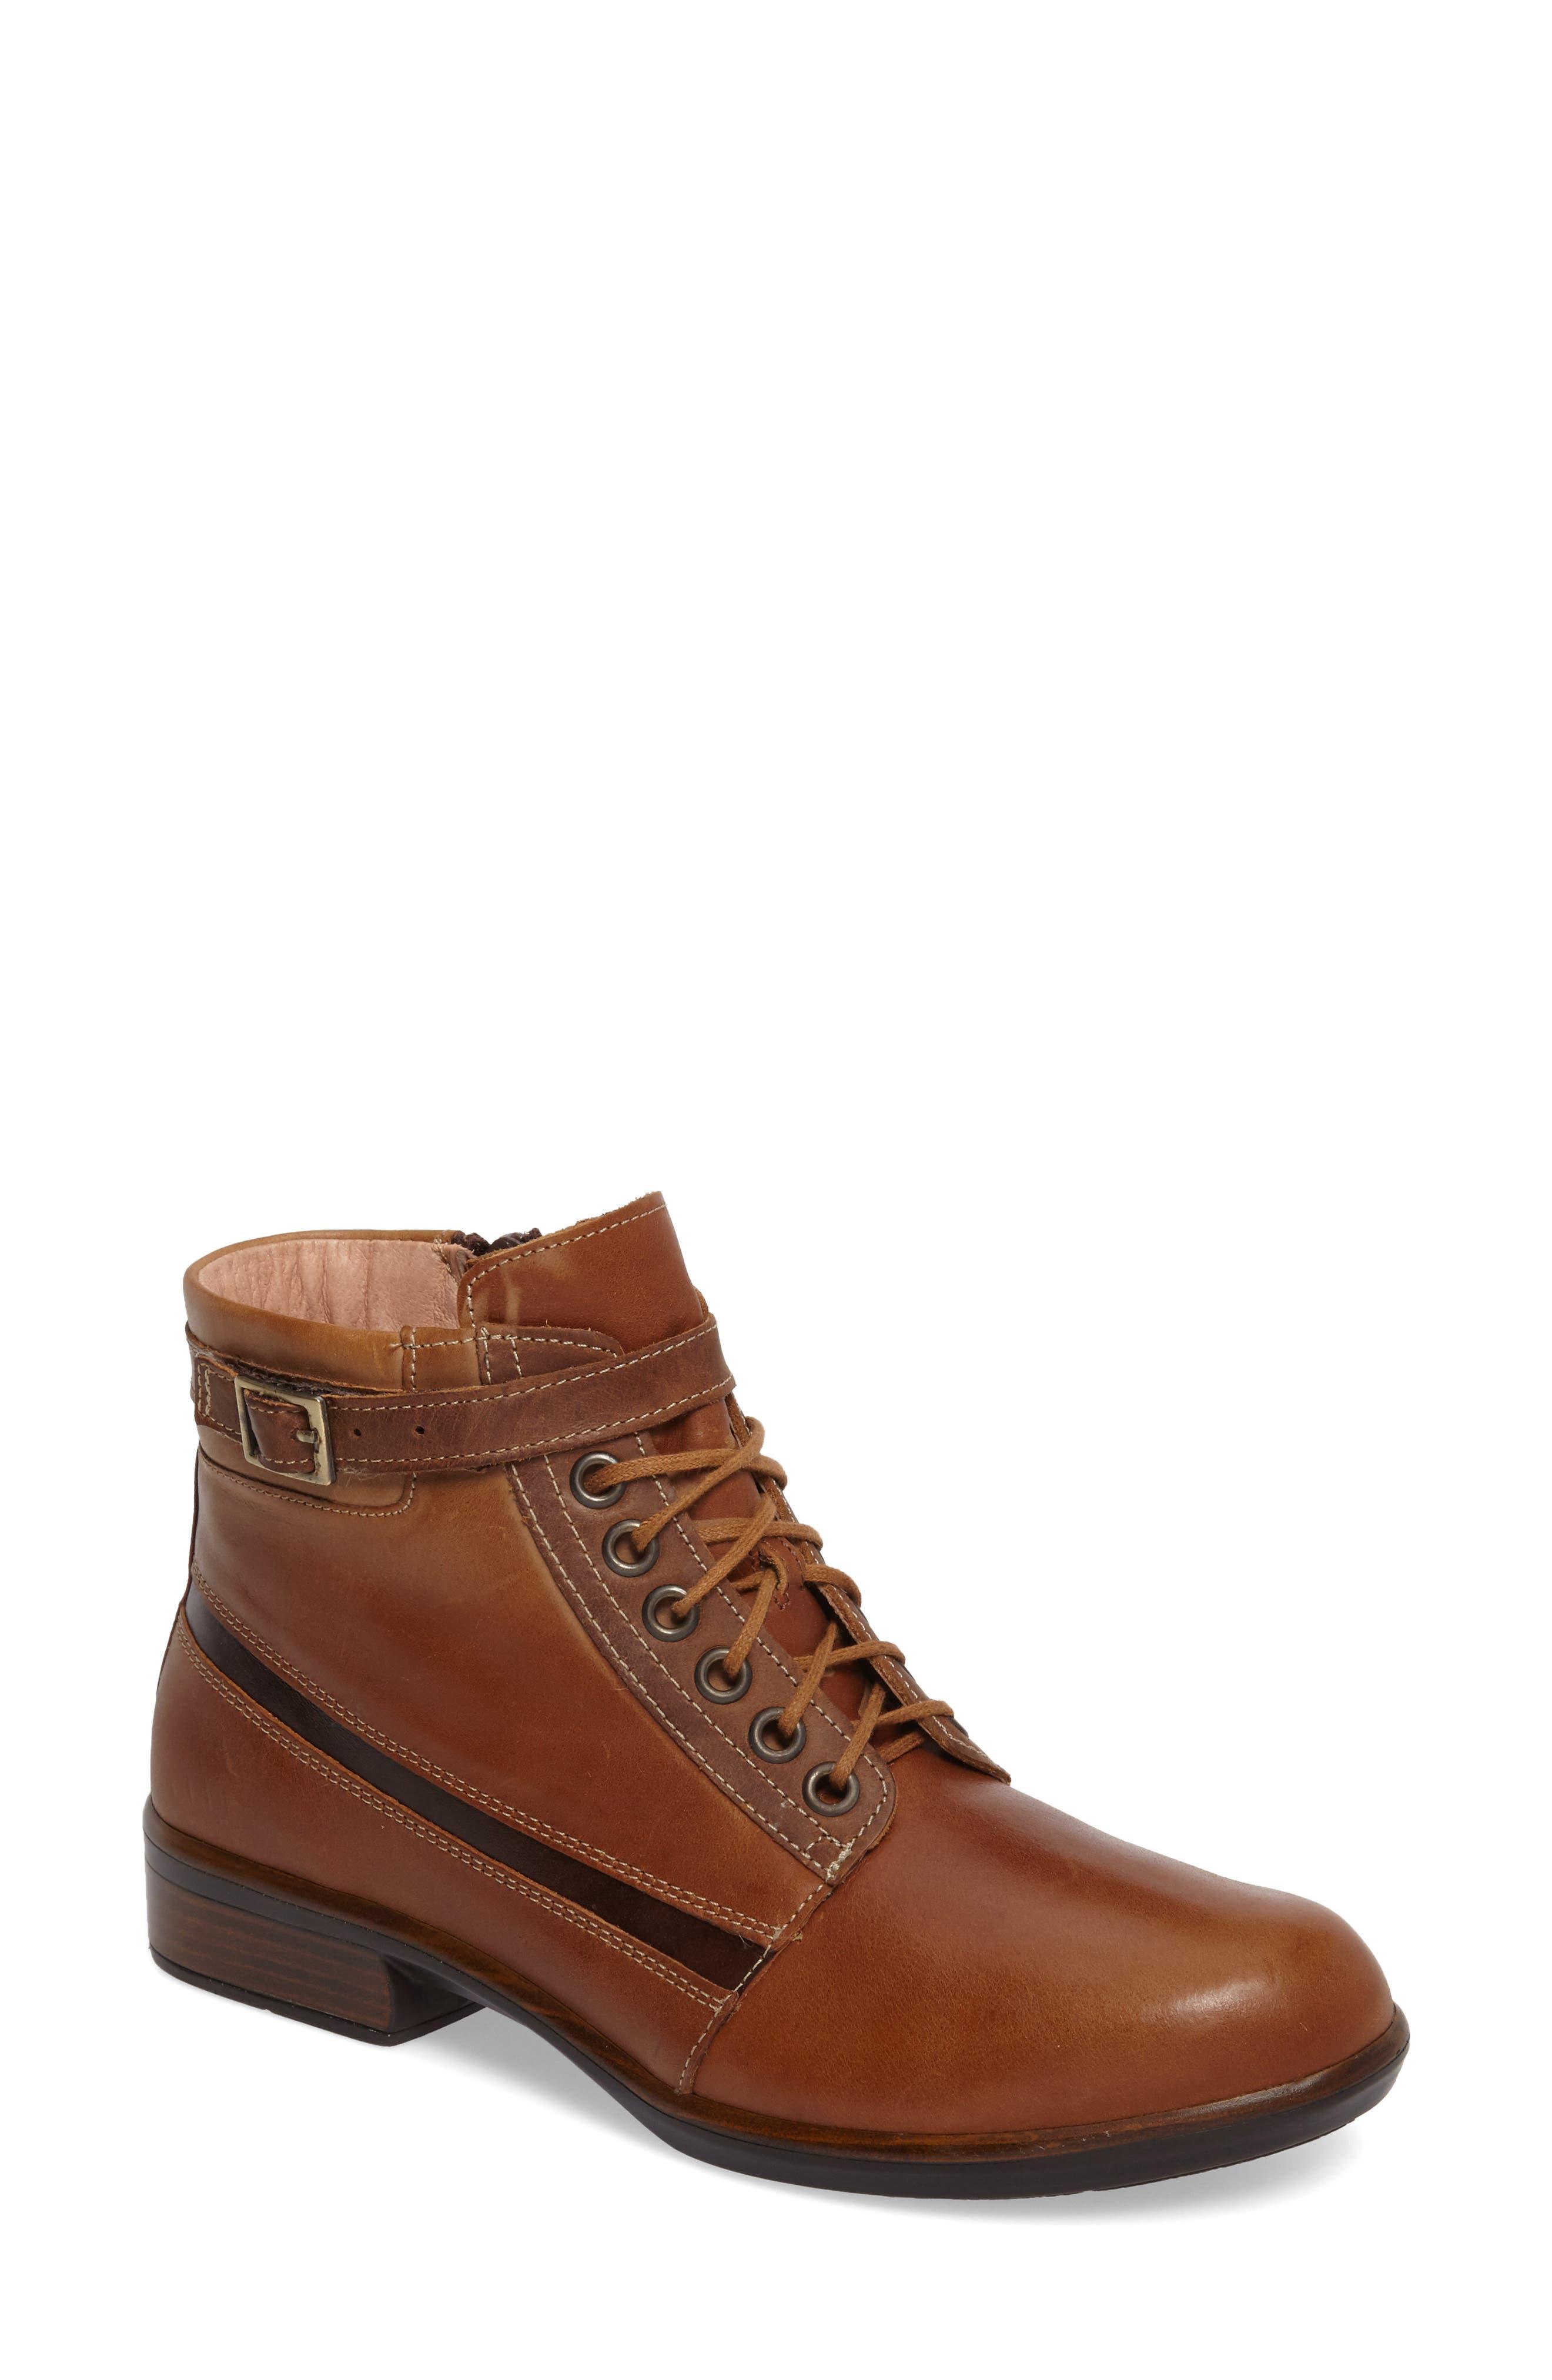 Kona Boot,                         Main,                         color, Vintage Camel Leather